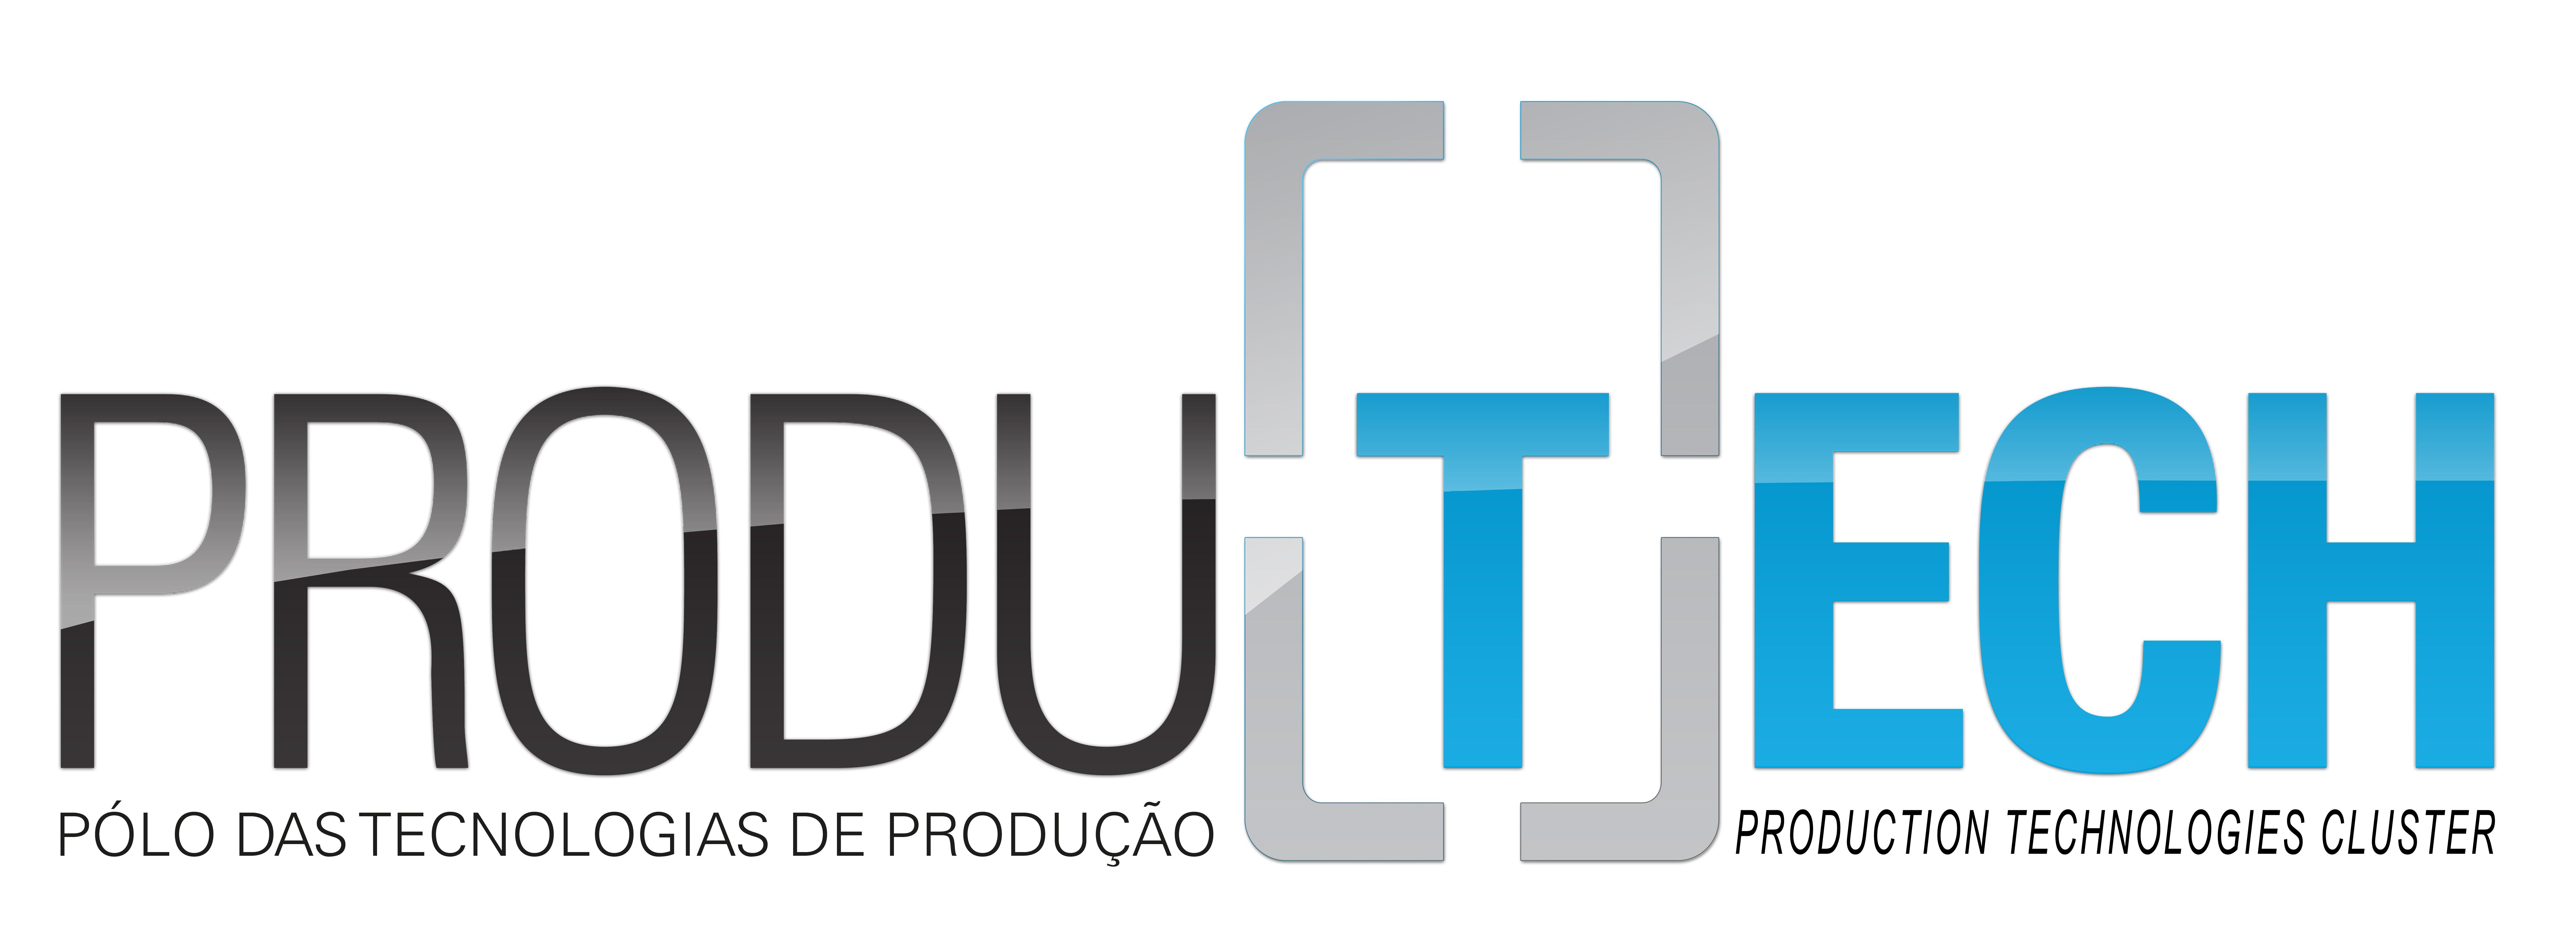 Produtech logo